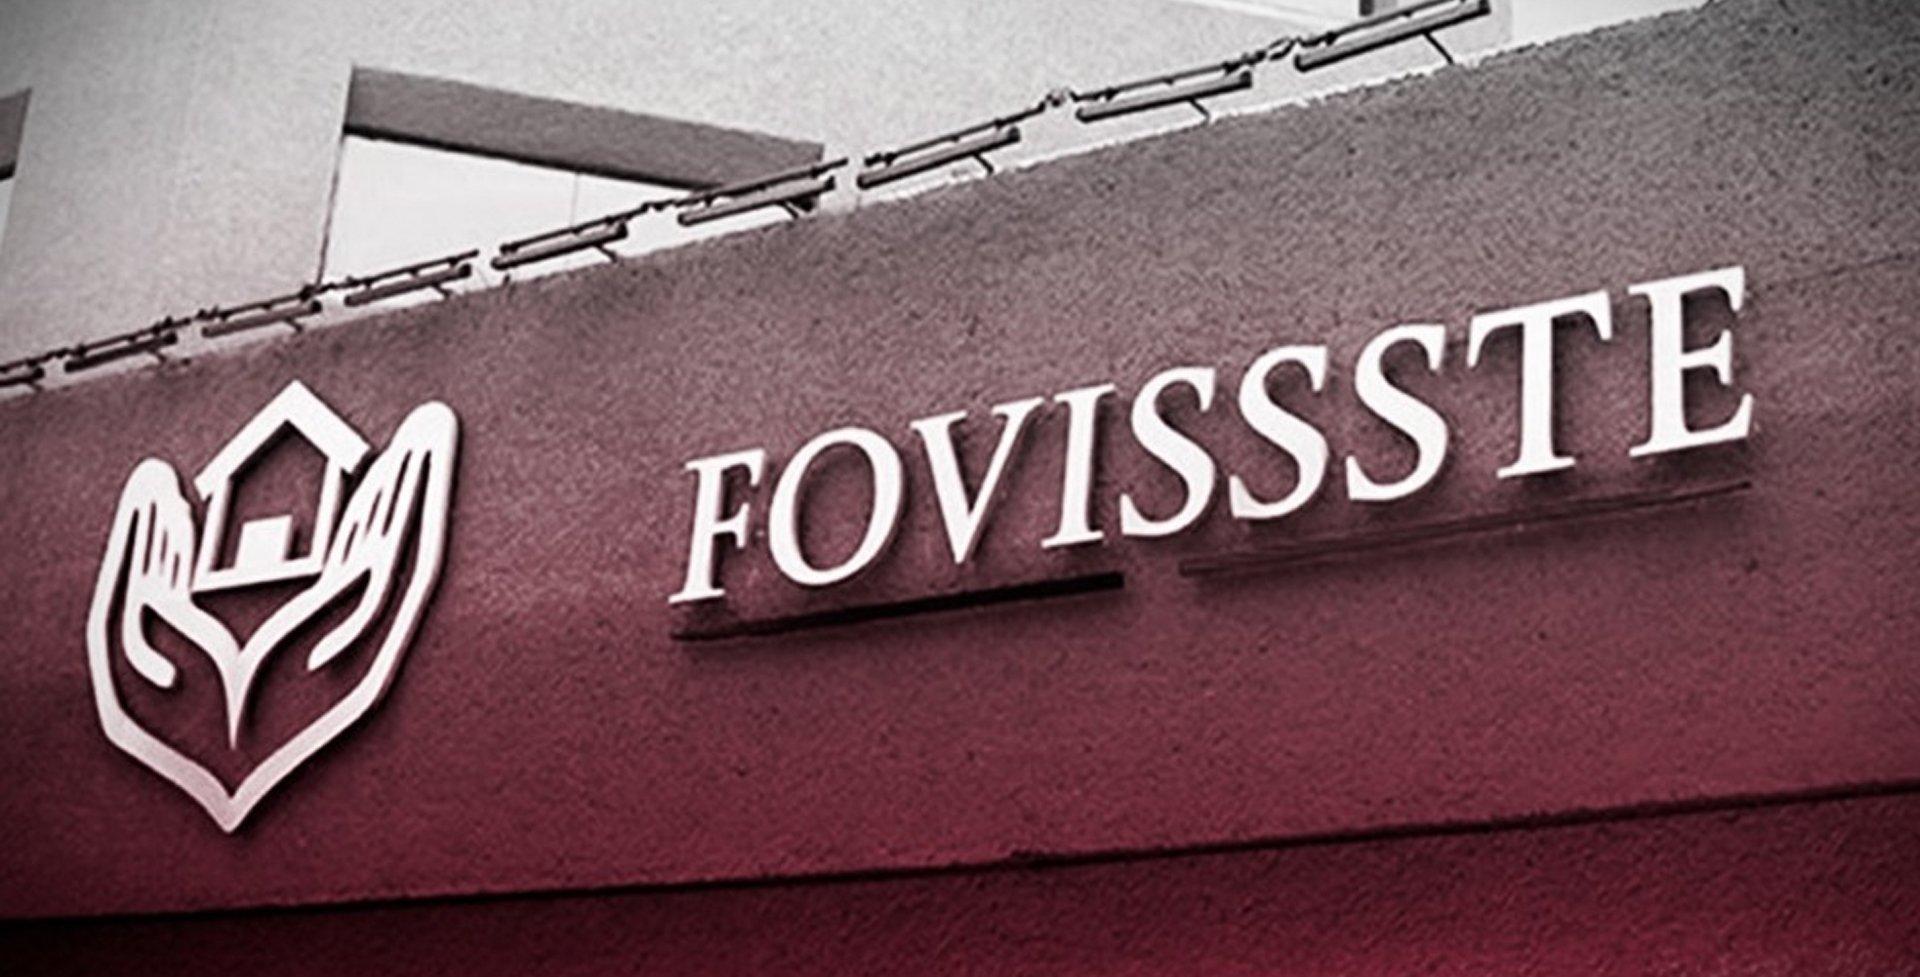 CM_img_FOVISSSTE-2